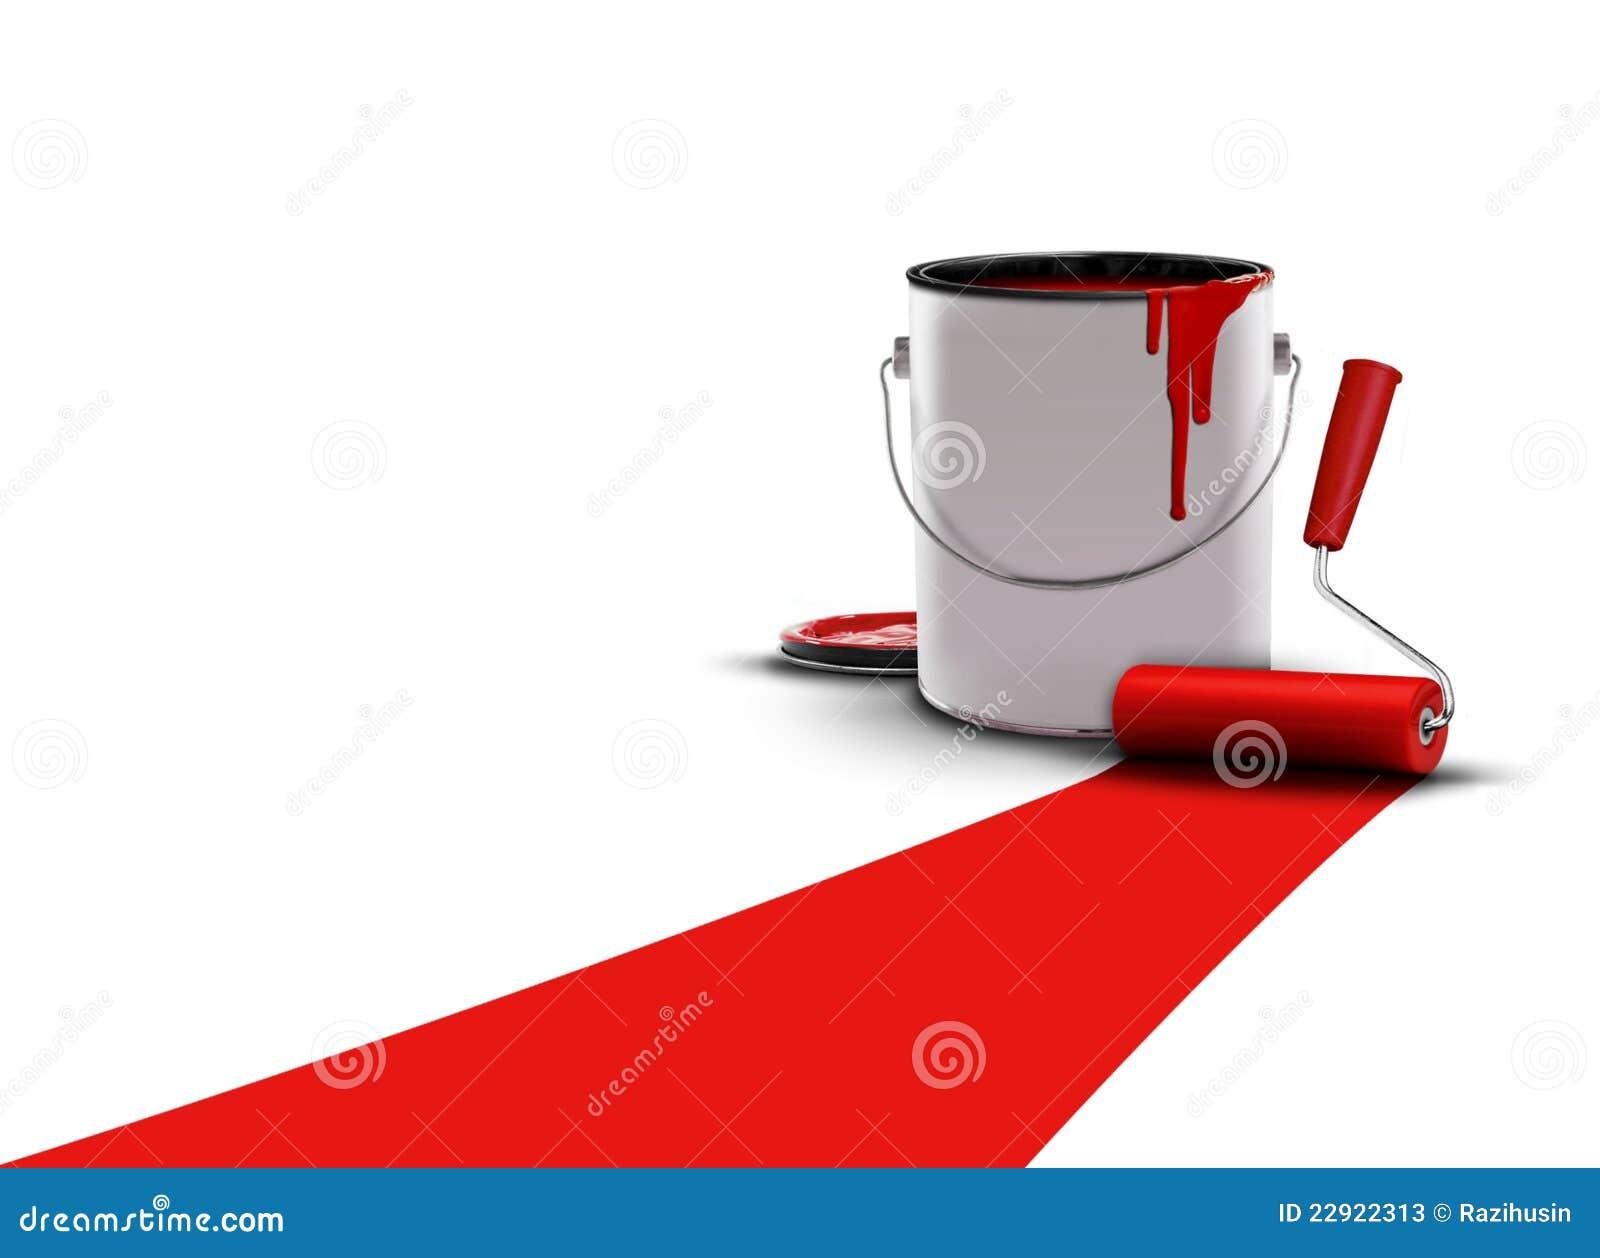 le rouge peint avec la peinture peut et rouleau photos stock image 22922313. Black Bedroom Furniture Sets. Home Design Ideas